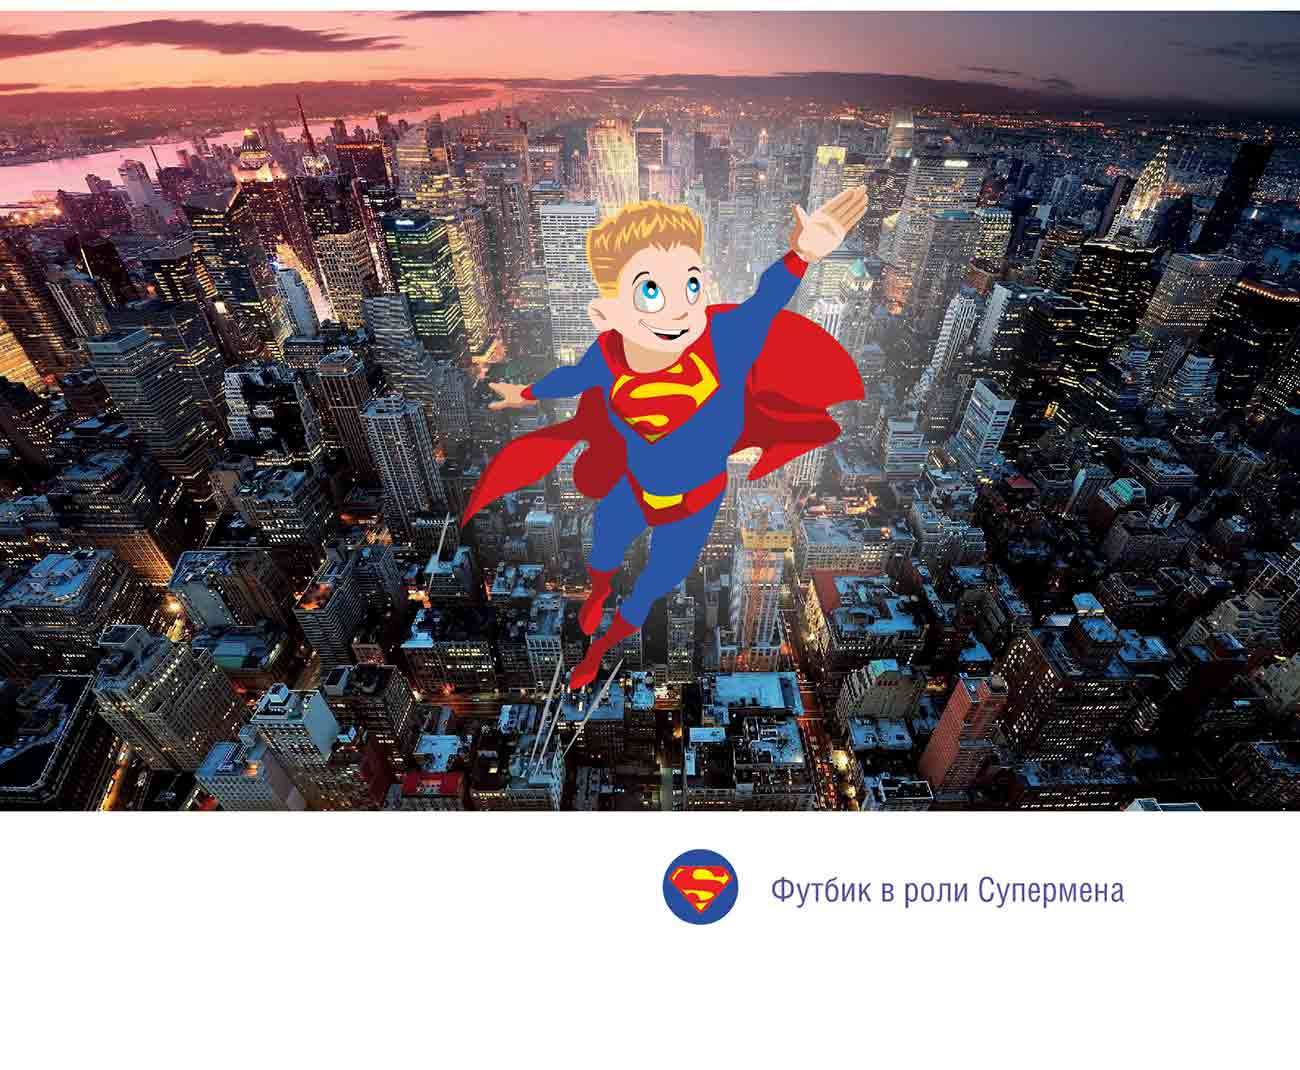 Создание иллюстраций «Футбик – Супергерой»